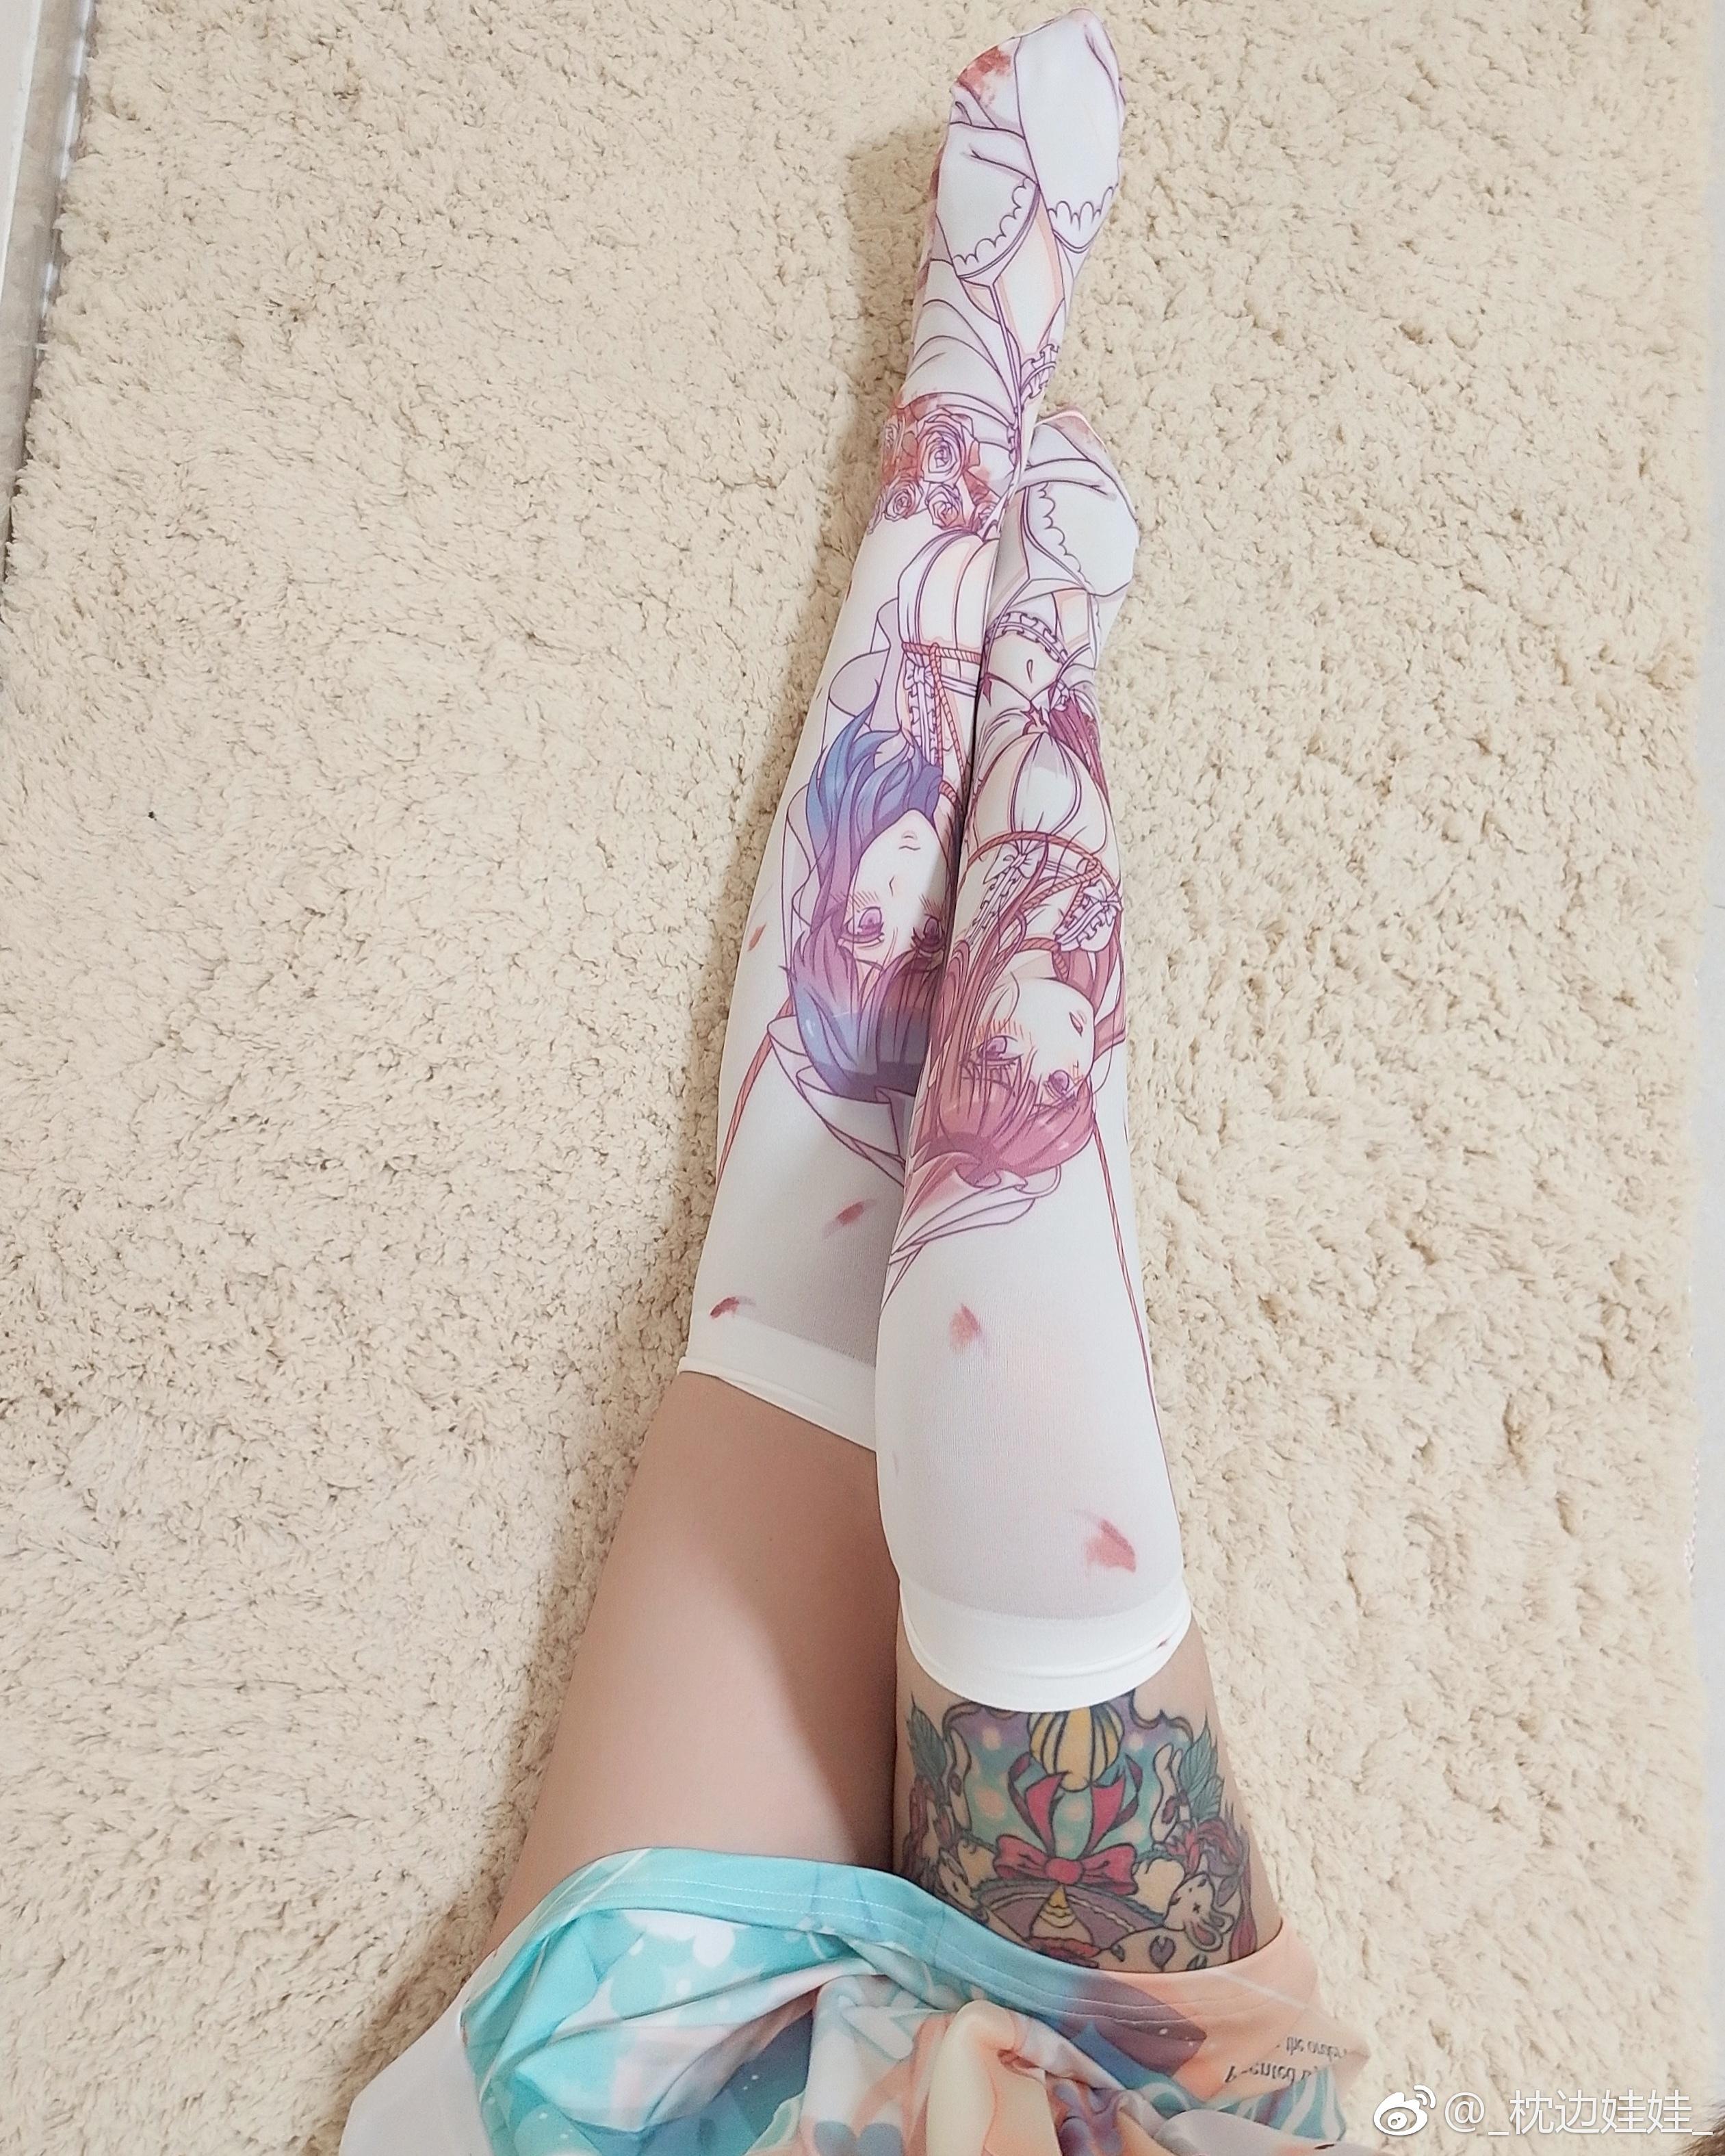 腿控福利:萌妹子的动漫过膝袜试穿(9P)